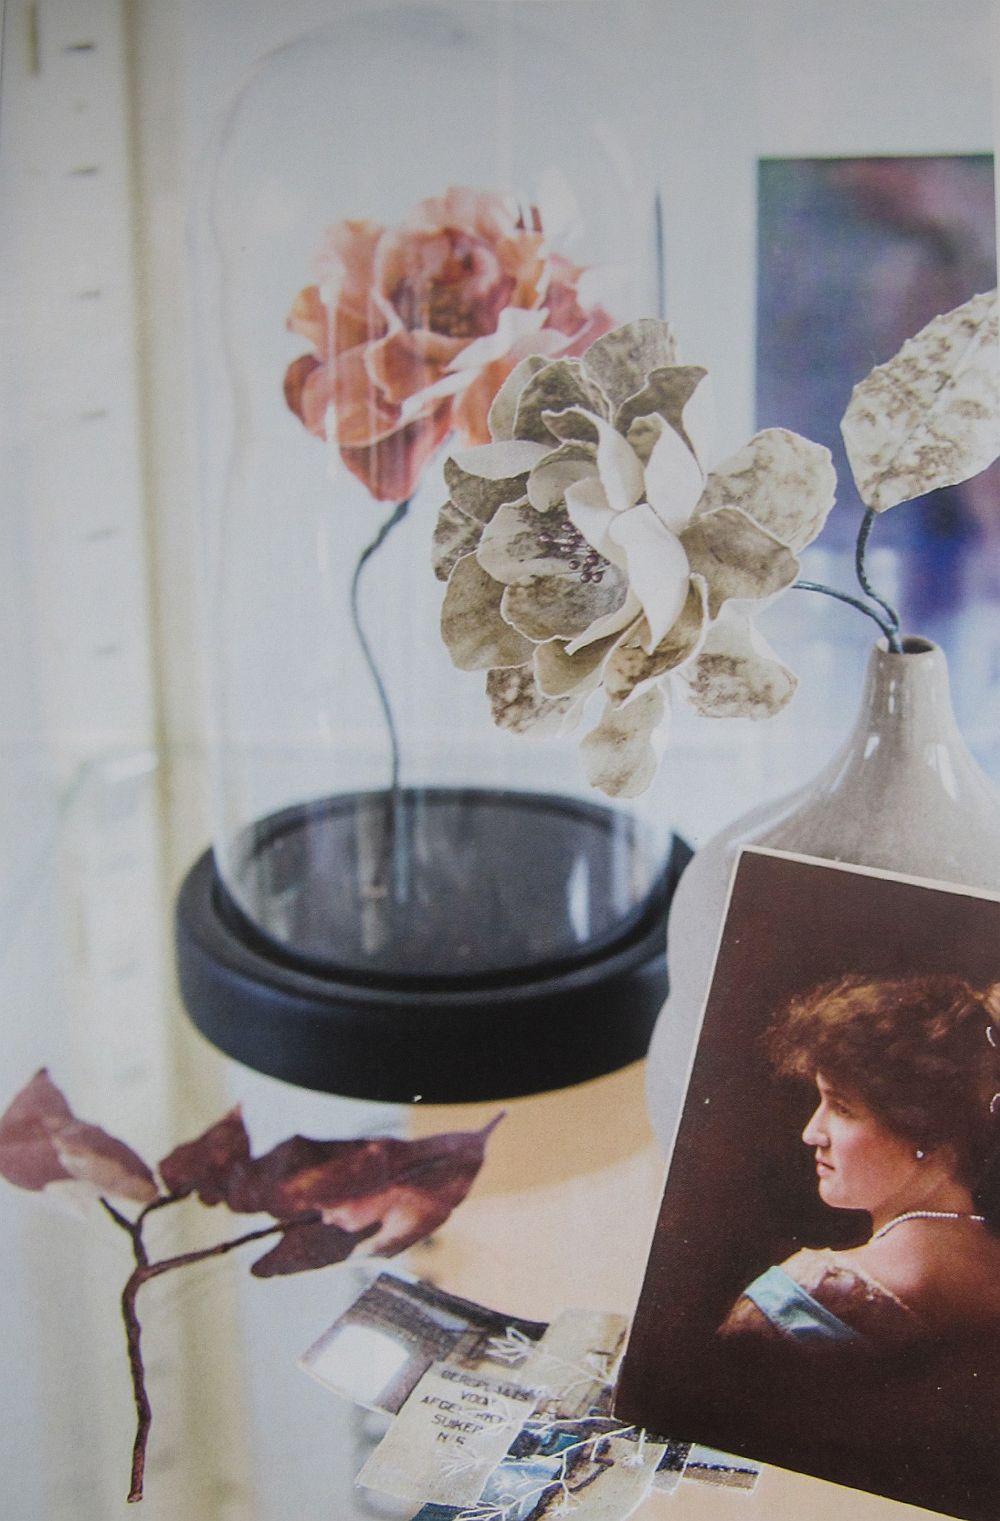 adelaparvu.com despre flori, frunze, pene de bumbac imprimate cu imagini vintage, artist Miranda van Dijk, Puur Anders (35)